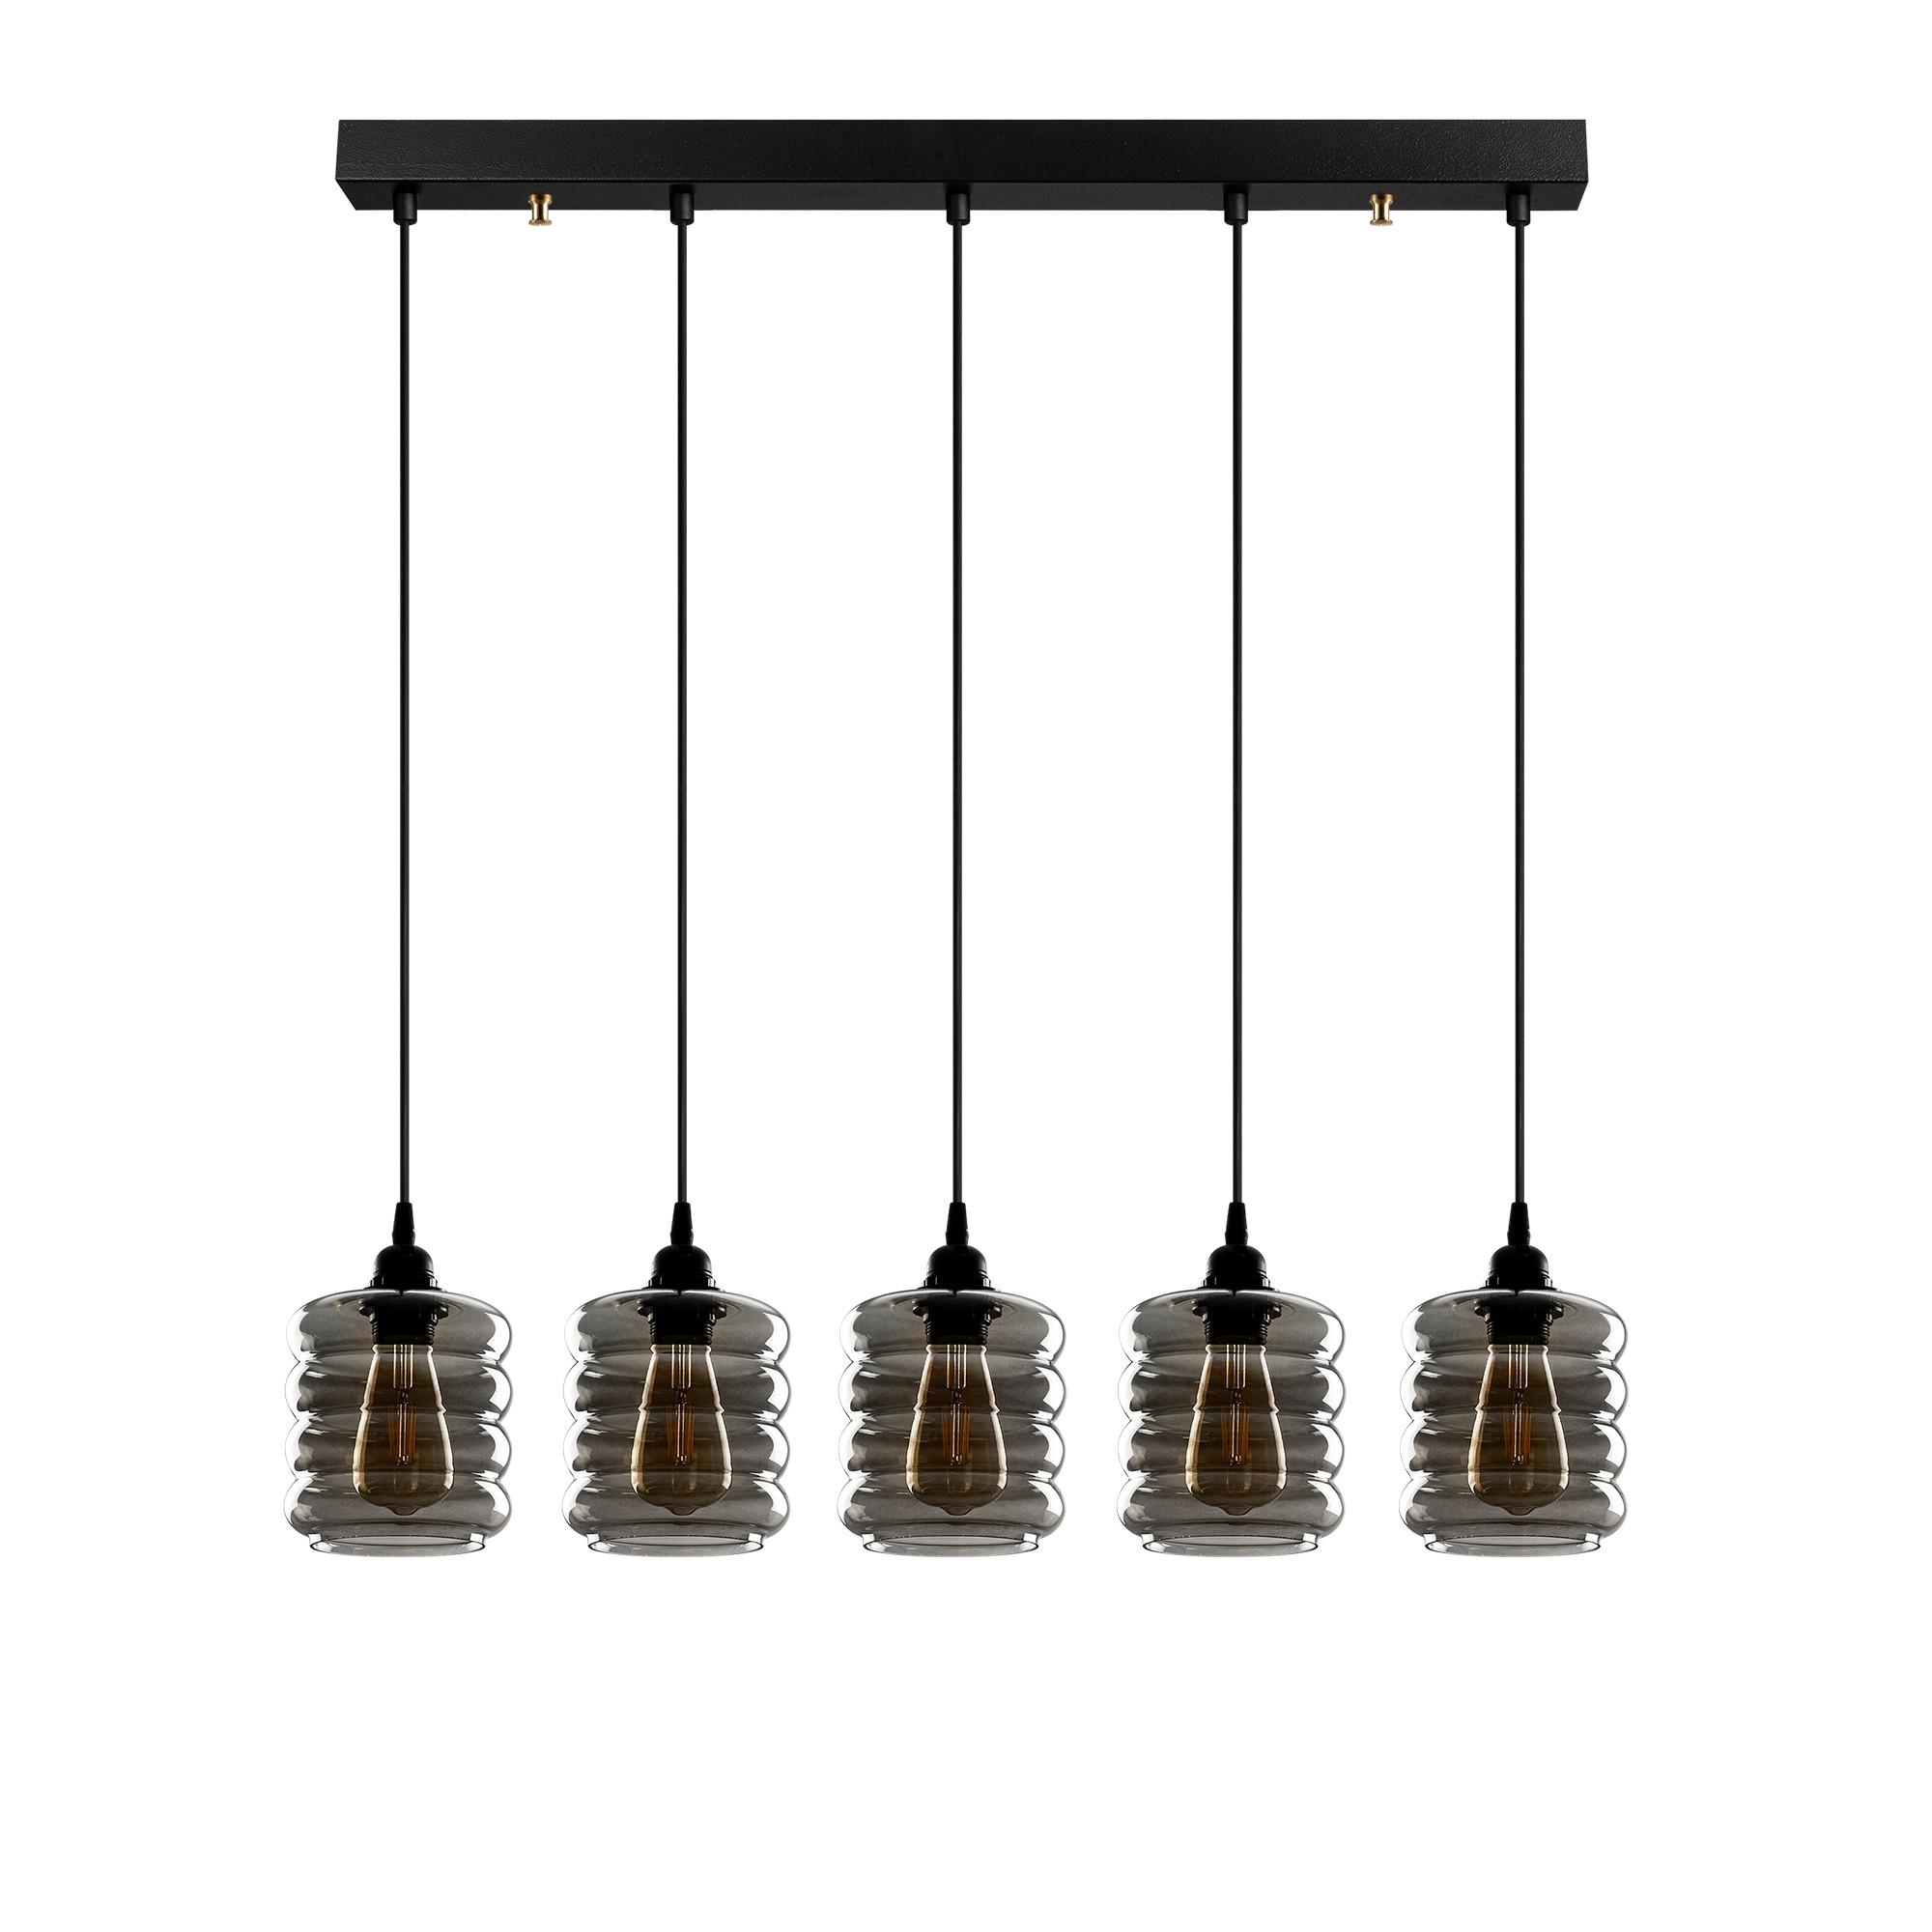 Hanglamp gerookt glas 5 keer e27 fitting IP20 - vooraanzicht lampen uit